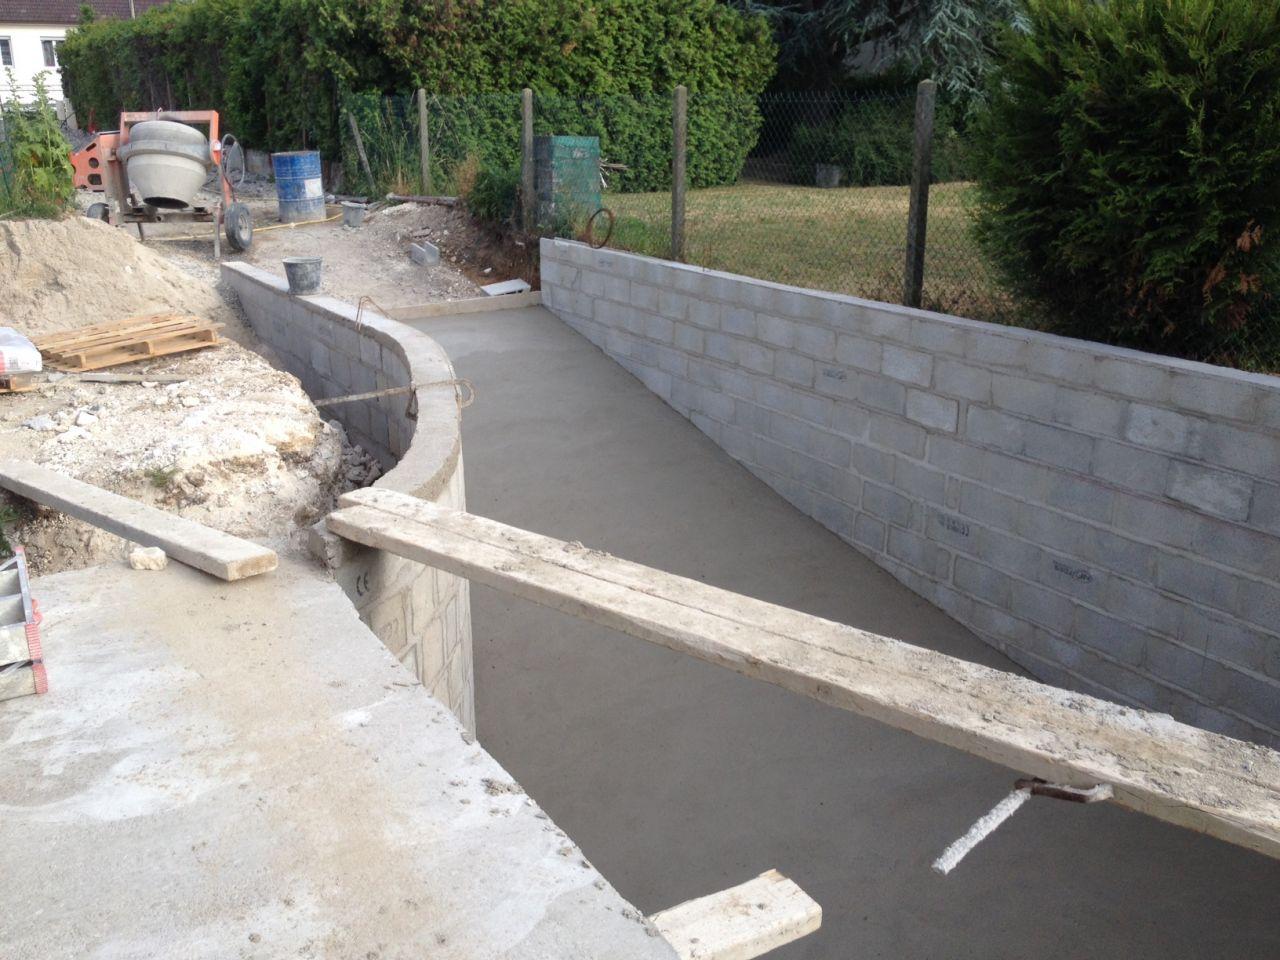 Photo vue de la descente de garage depuis la passerelle for Descente de garage en beton desactive